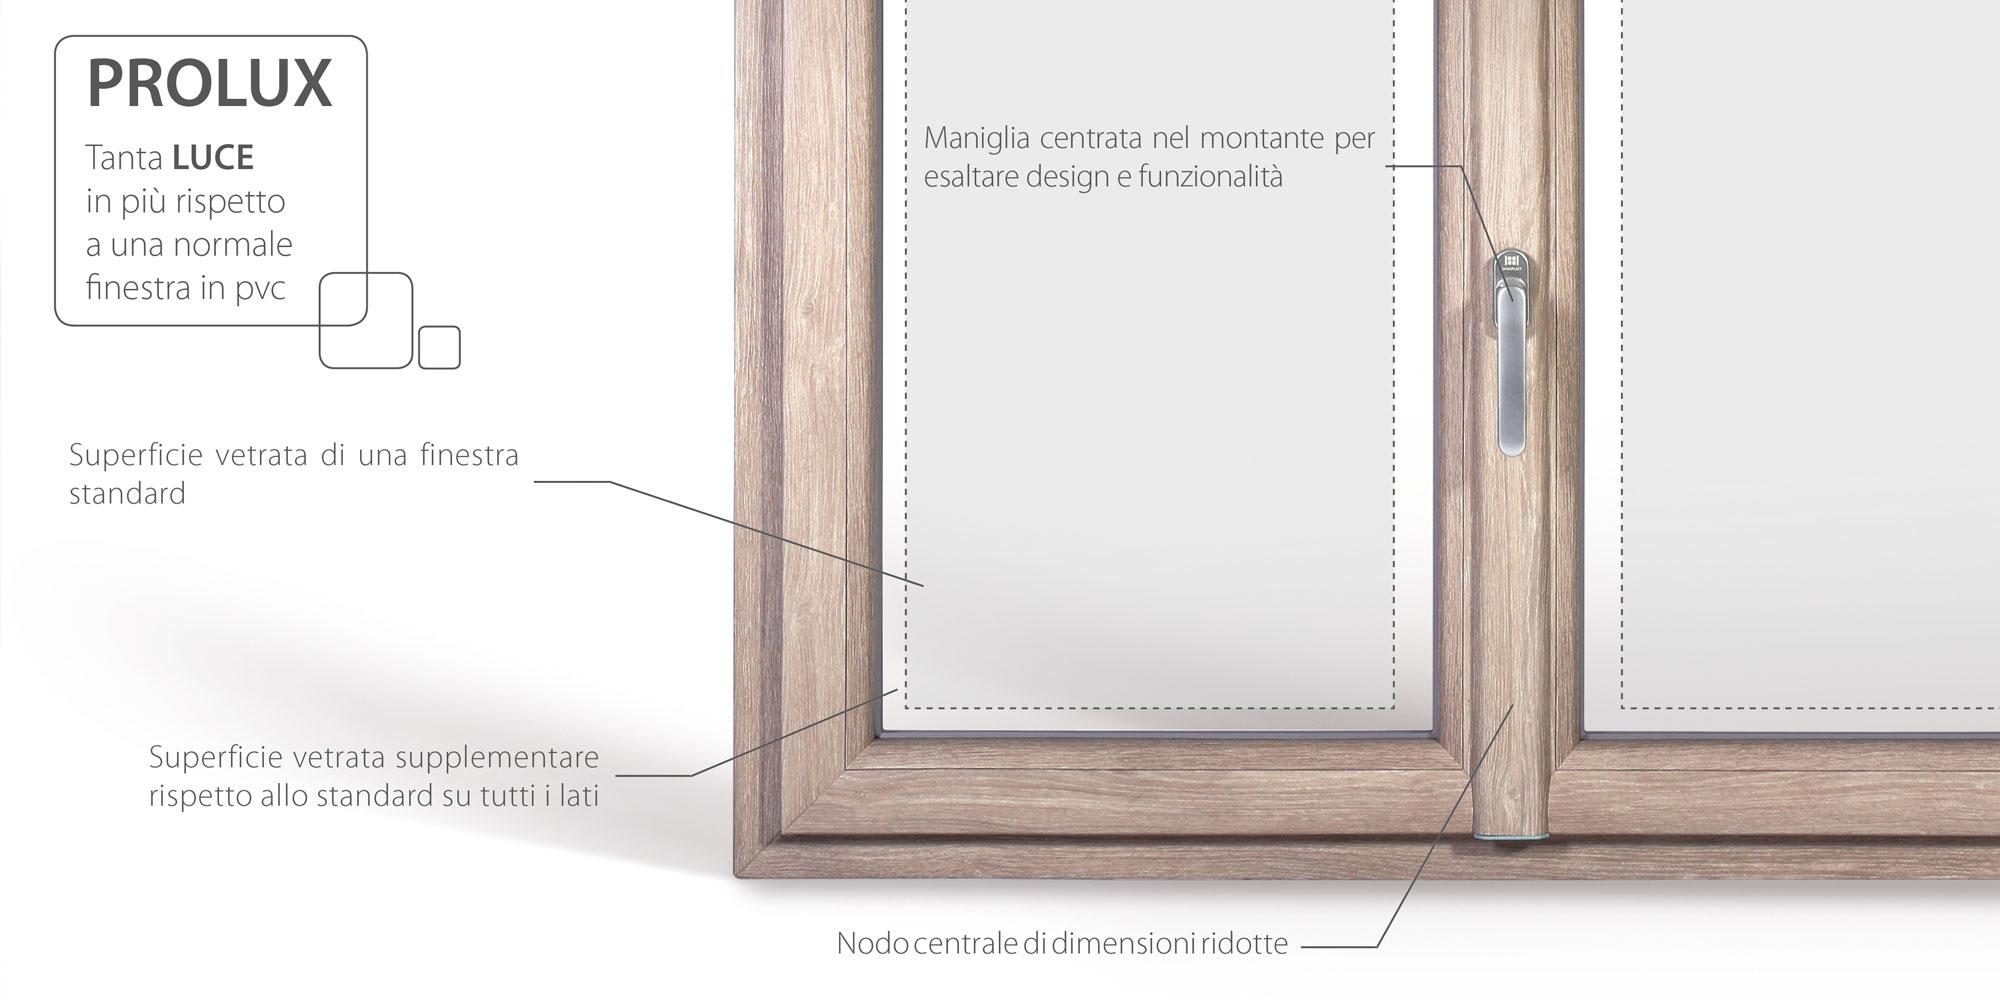 Vantaggi finestra Prolux Oknoplast - Infissi e Serramenti Fratelli Bosio Srl a Torino e Cambiano